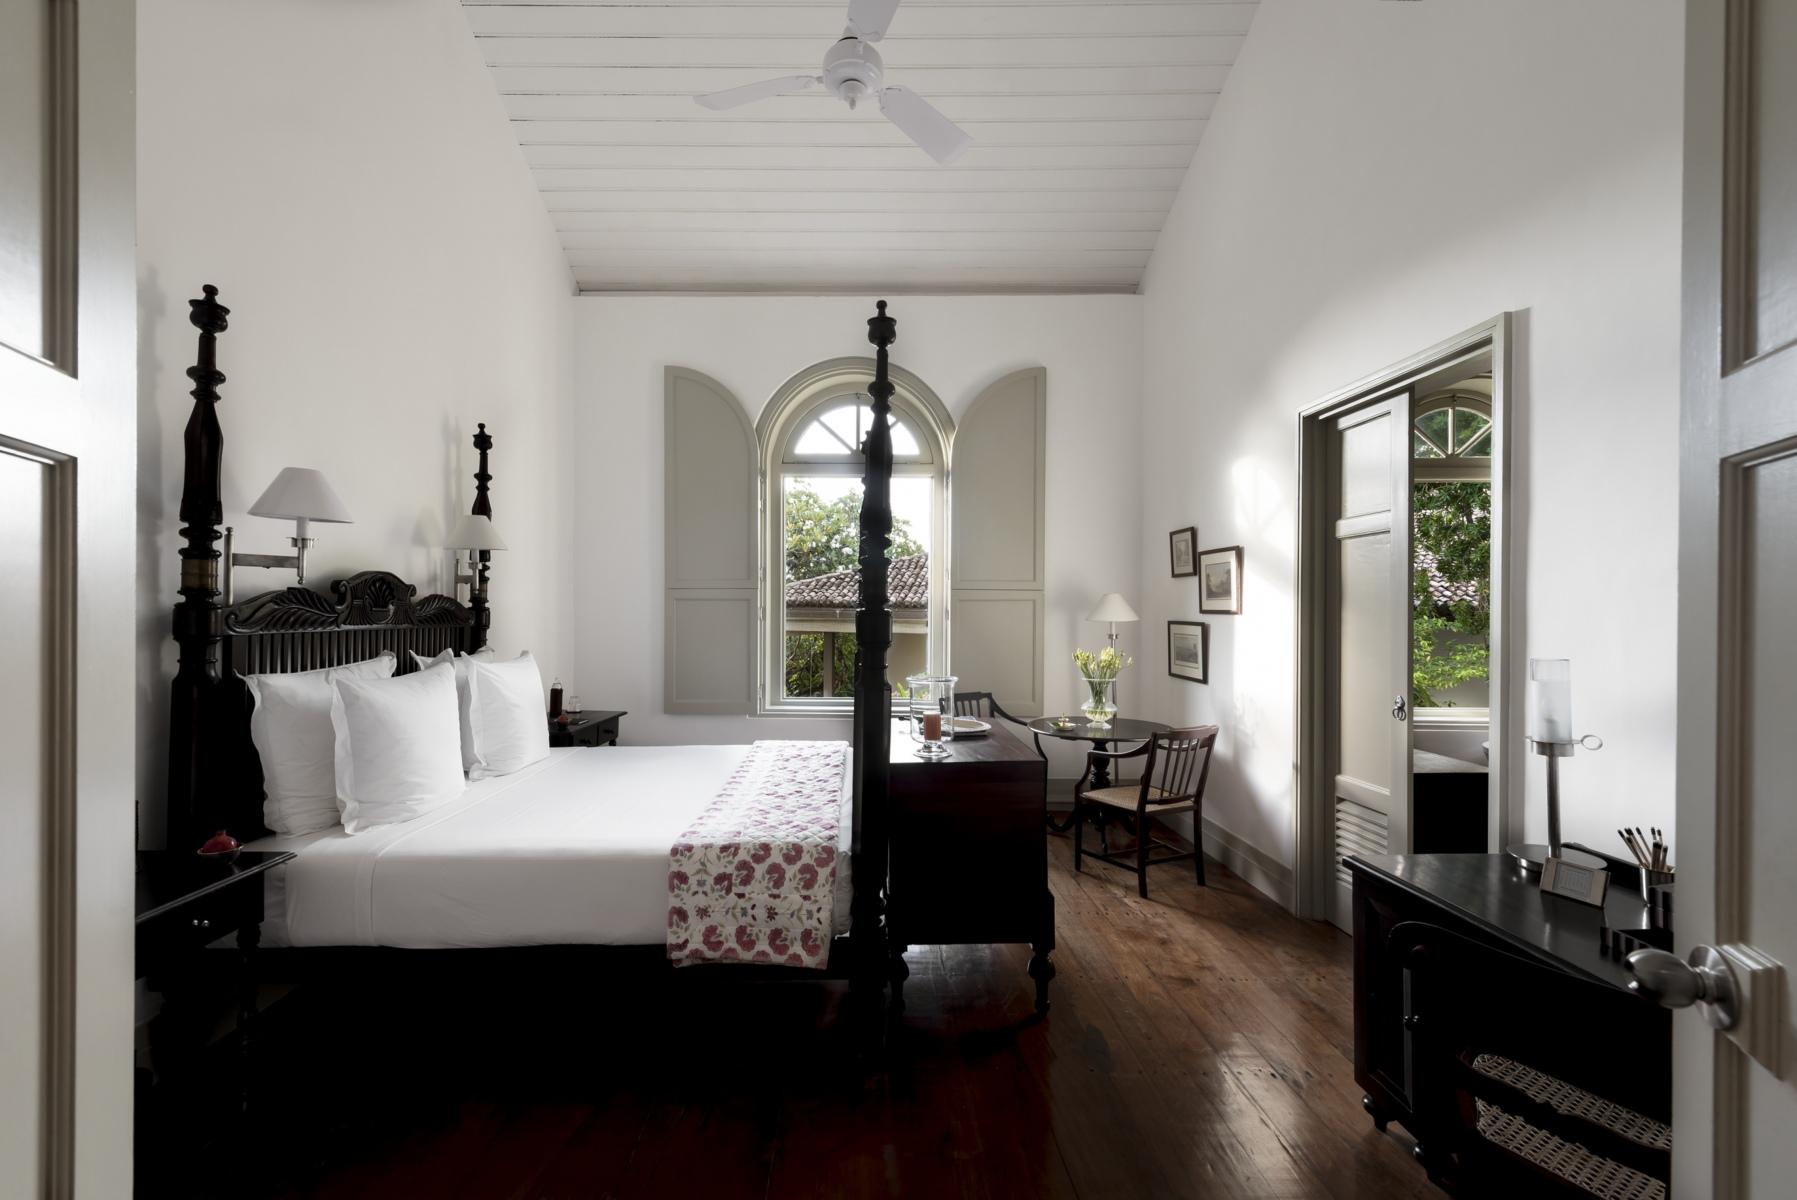 Amangalla Bedroom Hi-res-8.tif